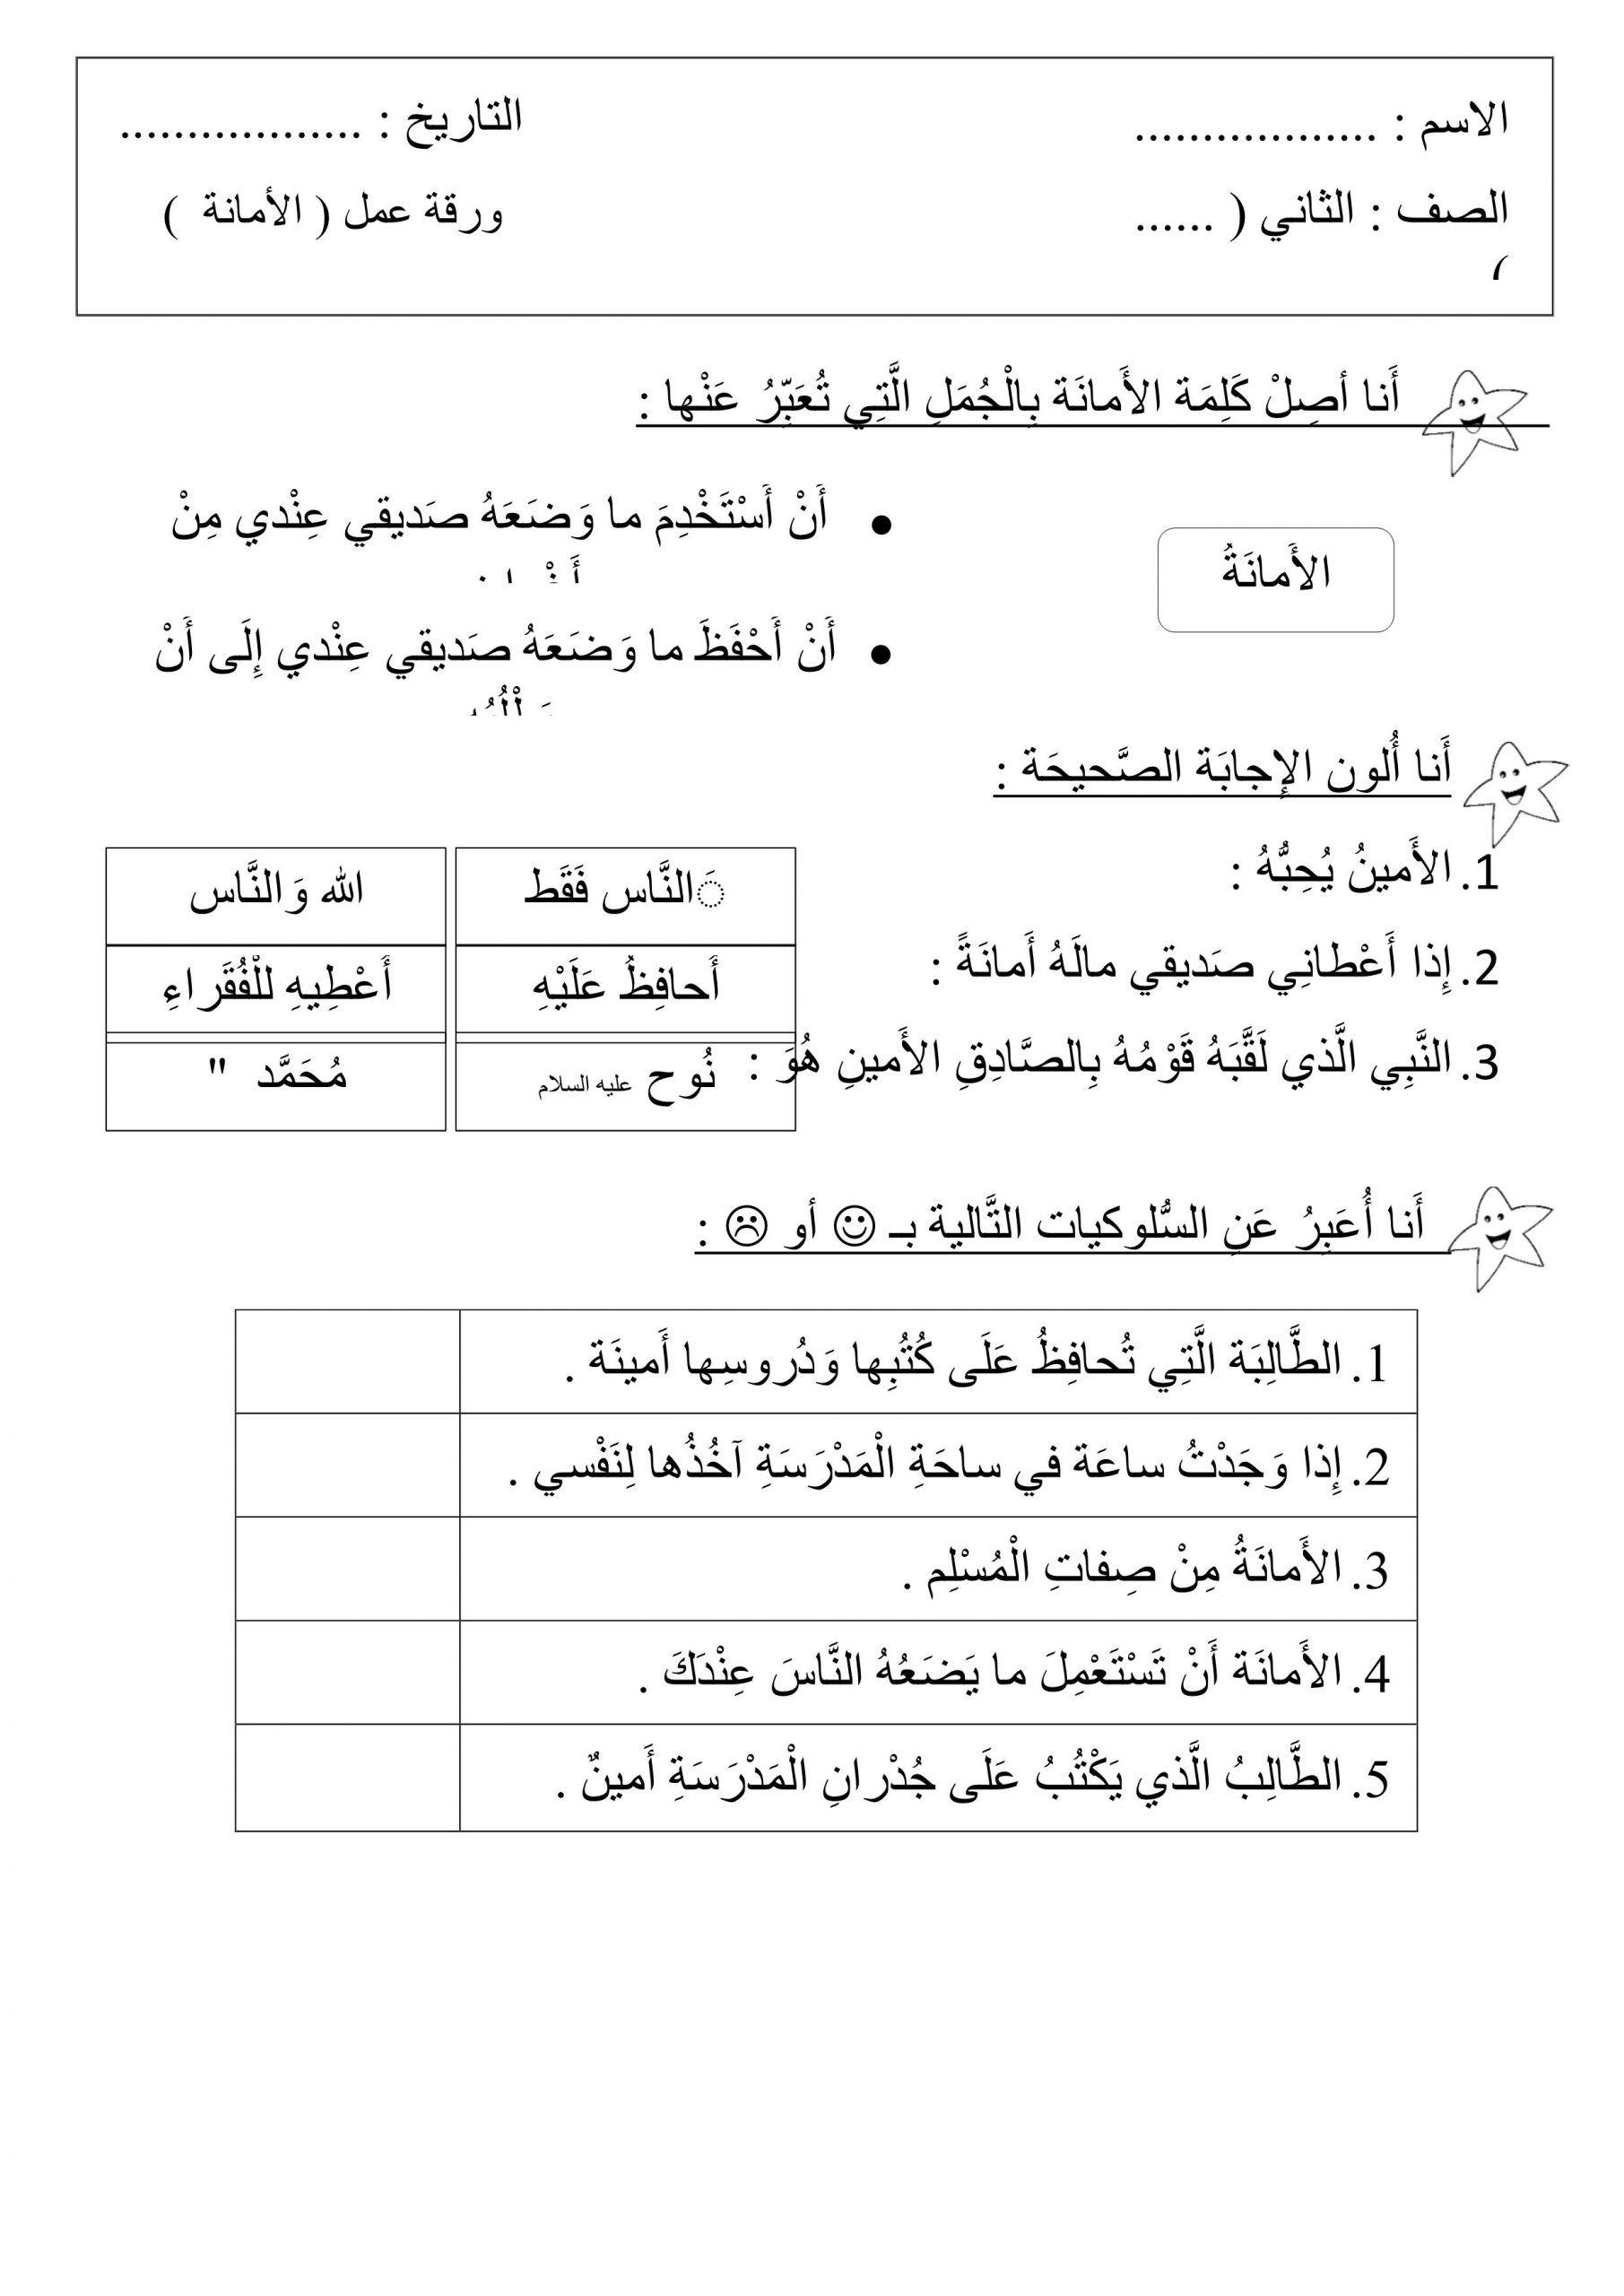 ورقة عمل تدريبات درس الامانة للصف الثاني مادة التربية الاسلامية Math